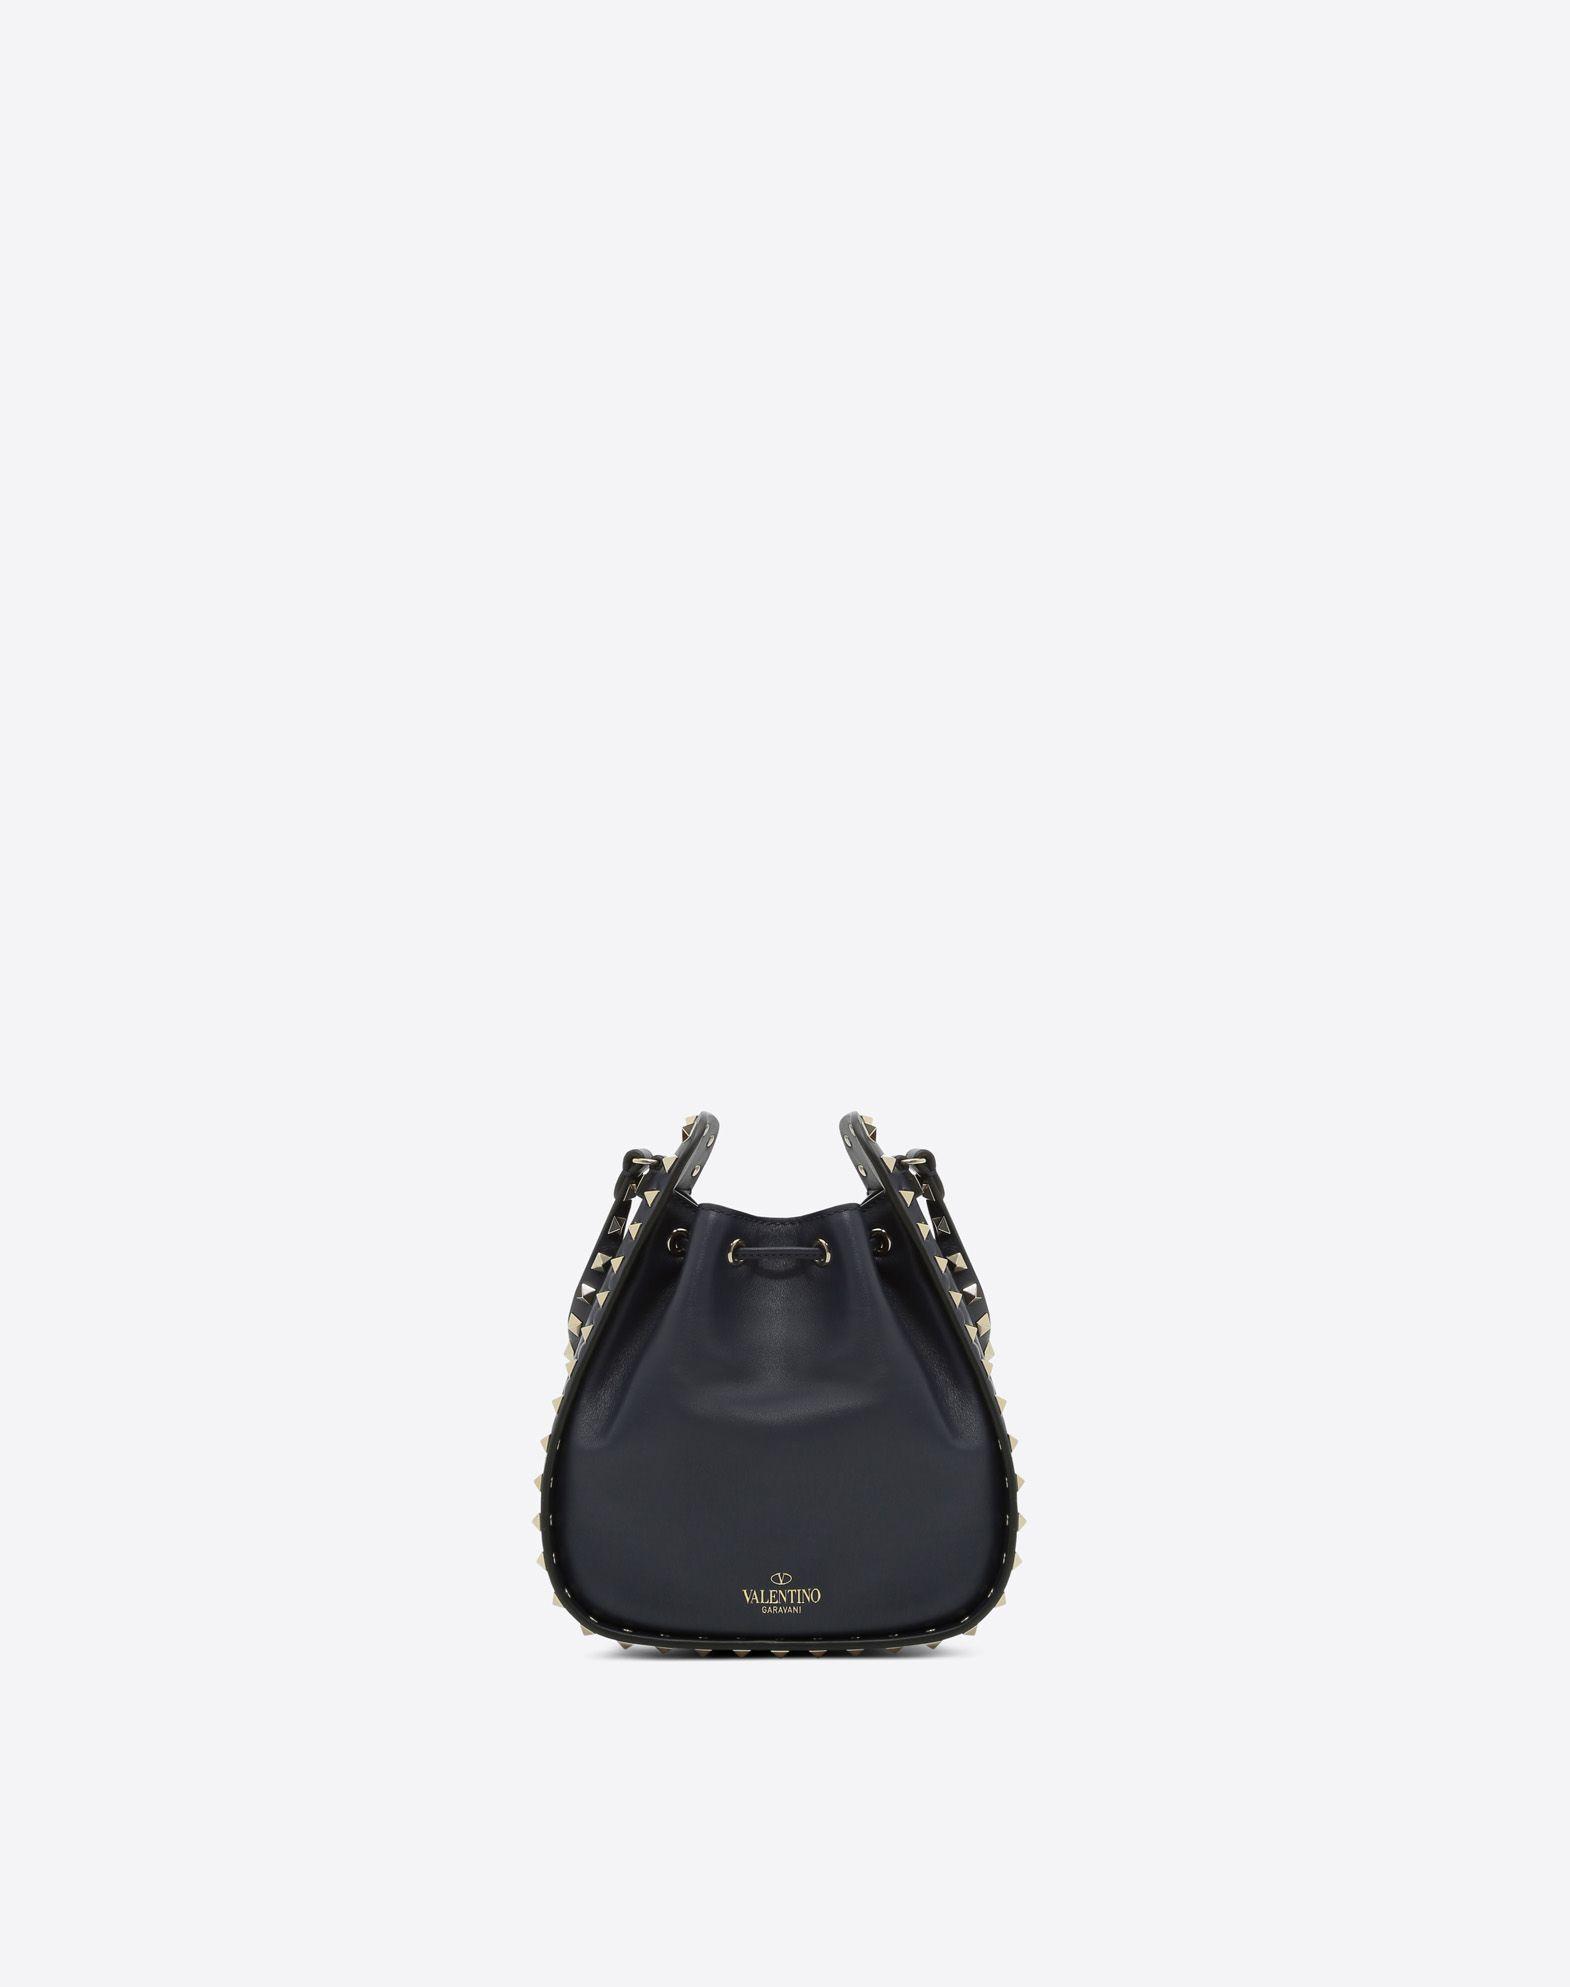 VALENTINO GARAVANI Rockstud Small Bucket Bag BUCKET BAG D d